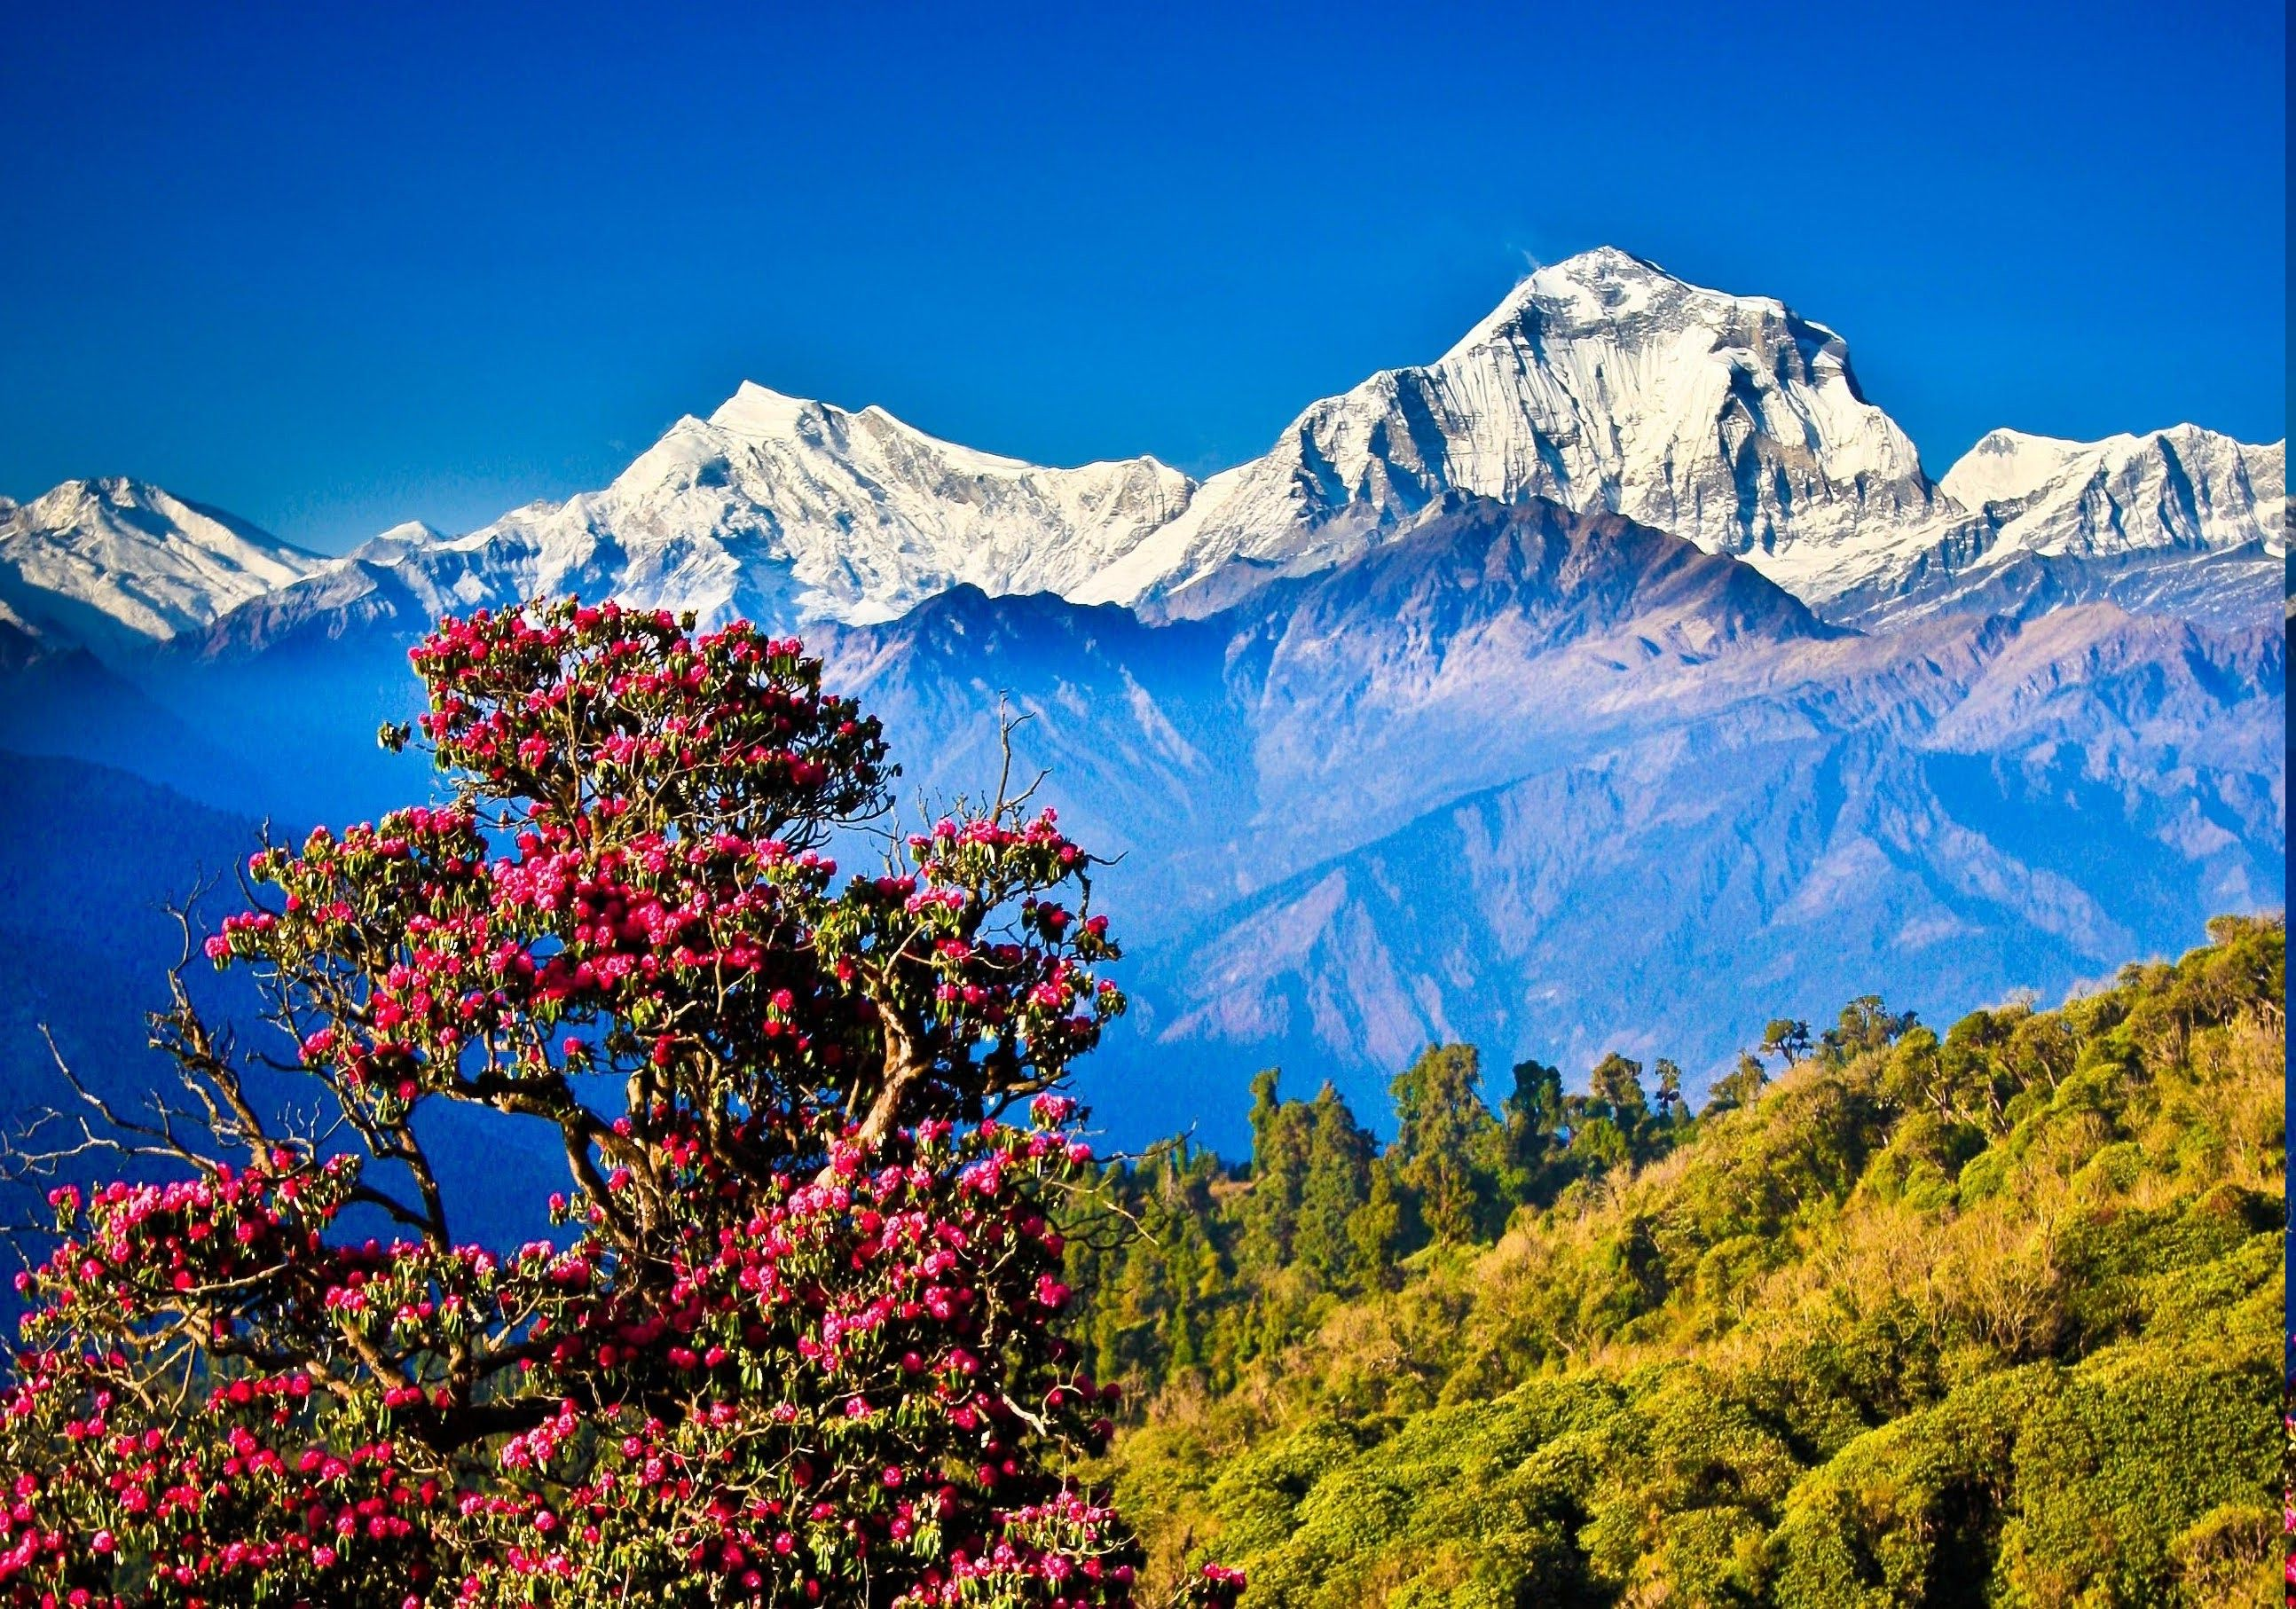 Himalayas Desktop Wallpapers Top Free Himalayas Desktop Backgrounds Wallpaperaccess